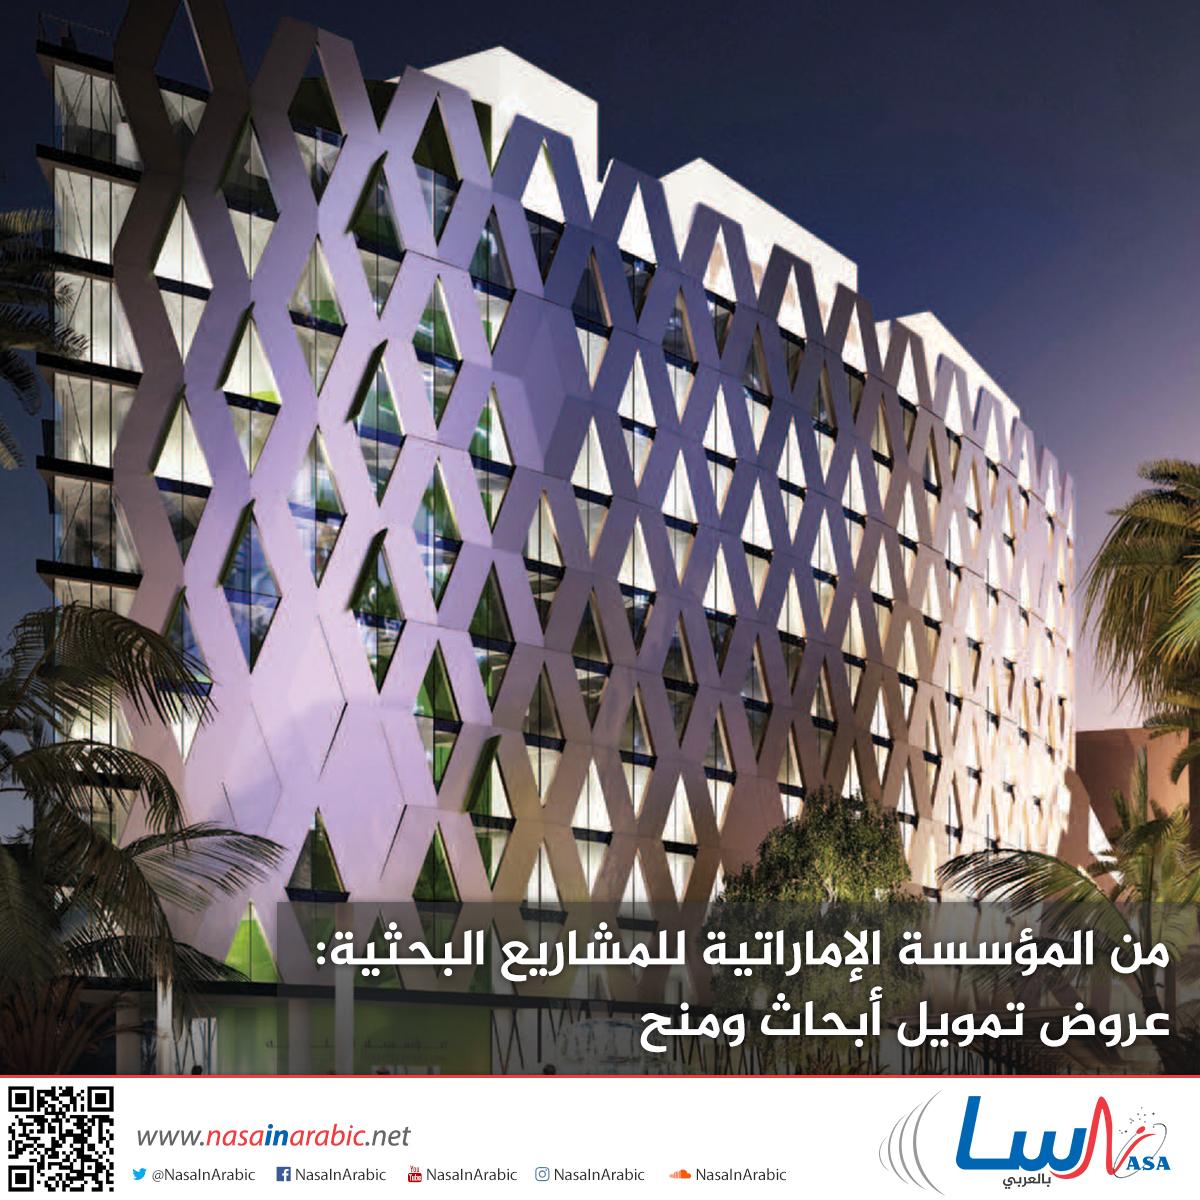 من المؤسسة الإماراتية للمشاريع البحثية: عروض تمويل أبحاث ومنح